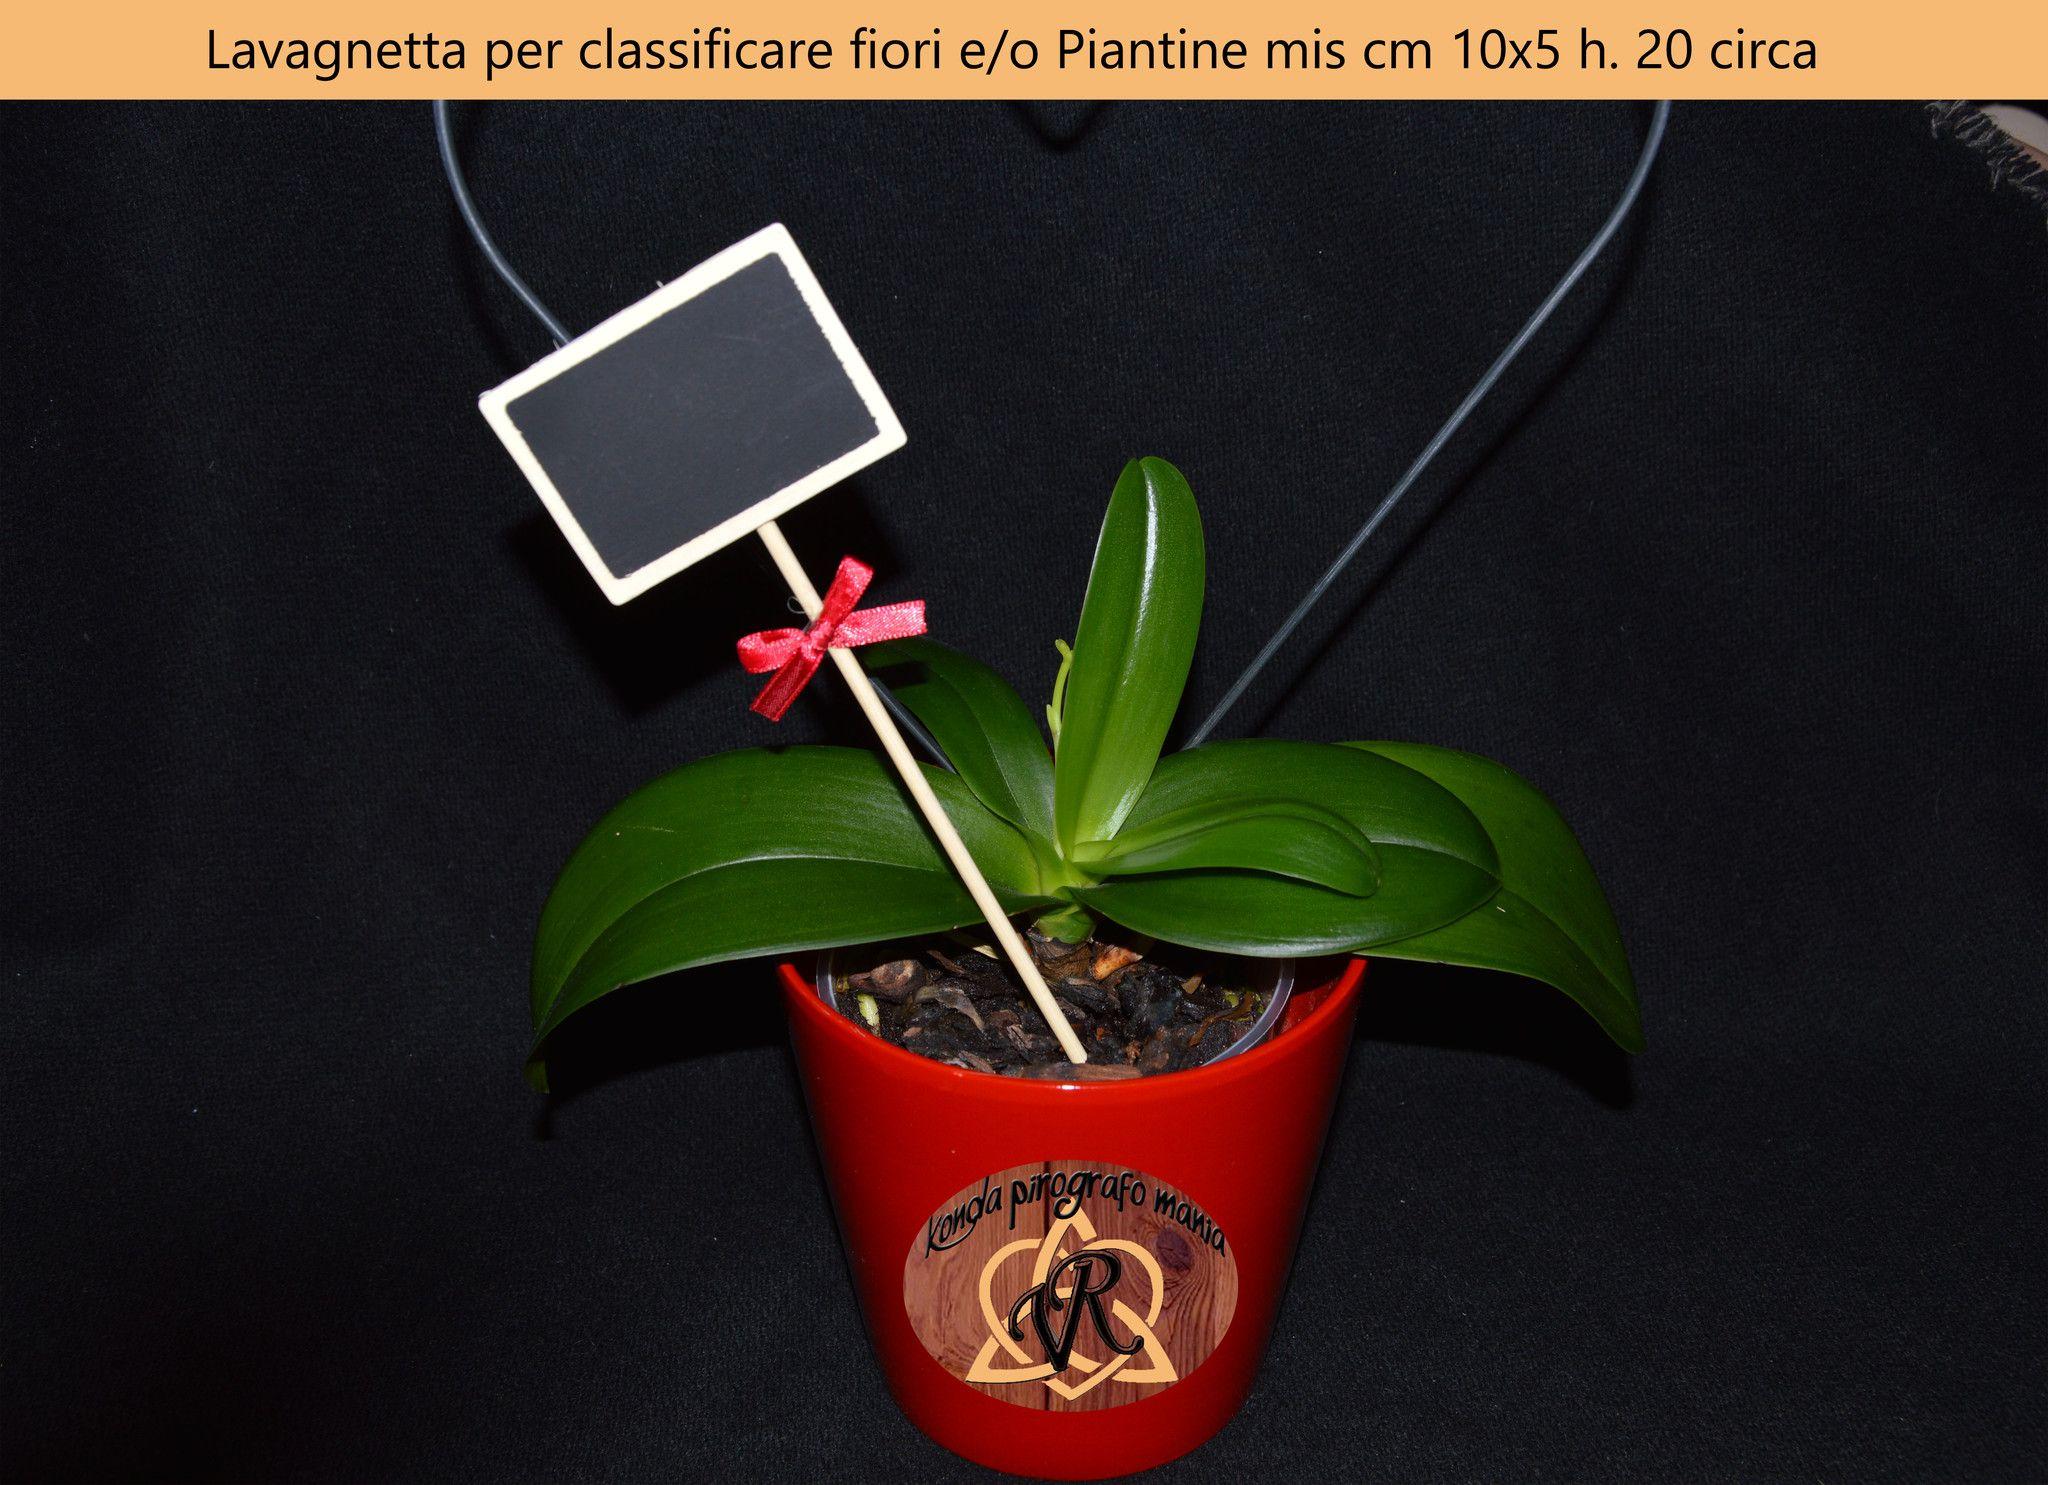 Lavagnetta per classificare fiori e/o Piantine